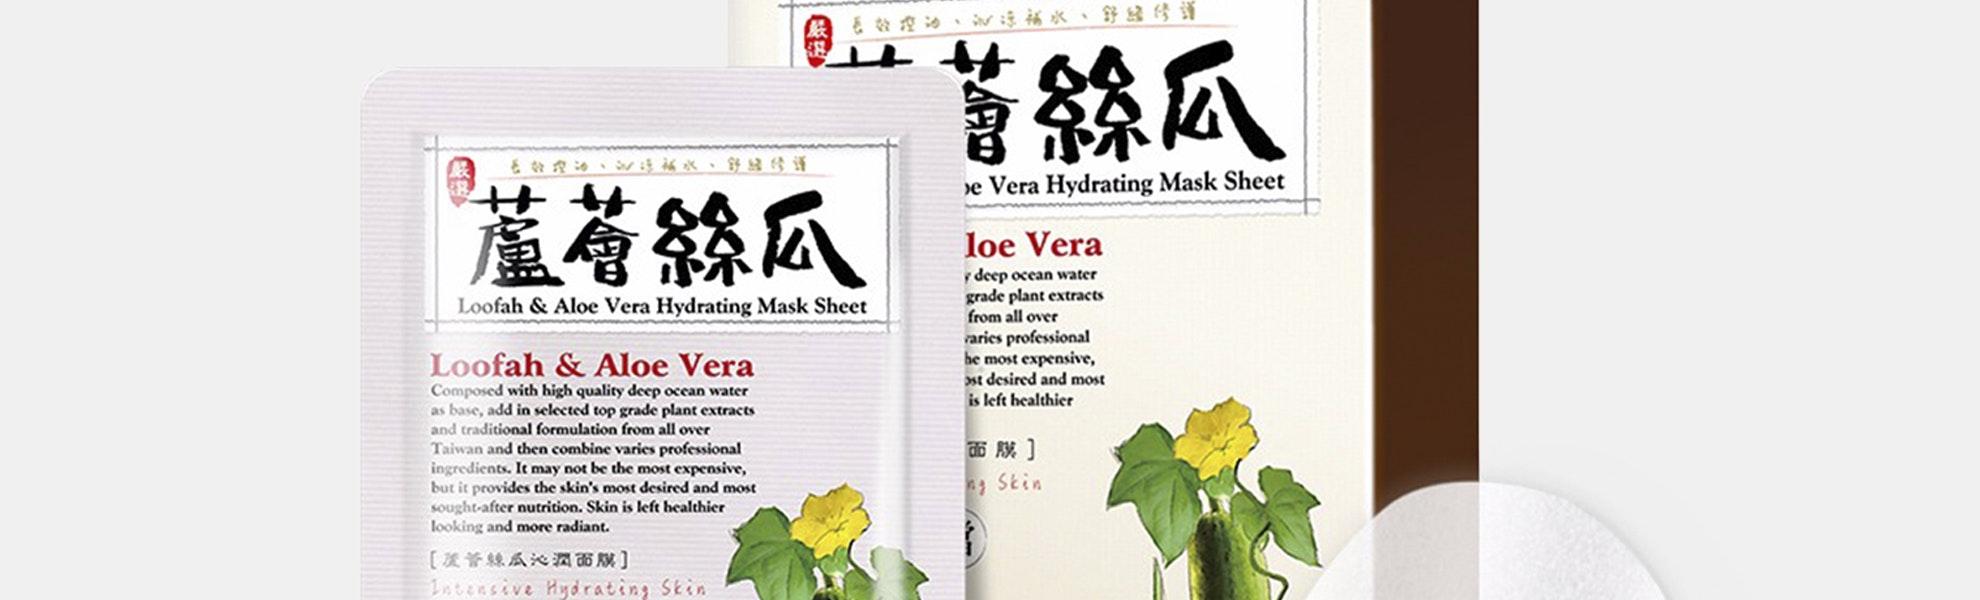 Lovemore Loofah & Aloe Vera Masks (5 Sheets)